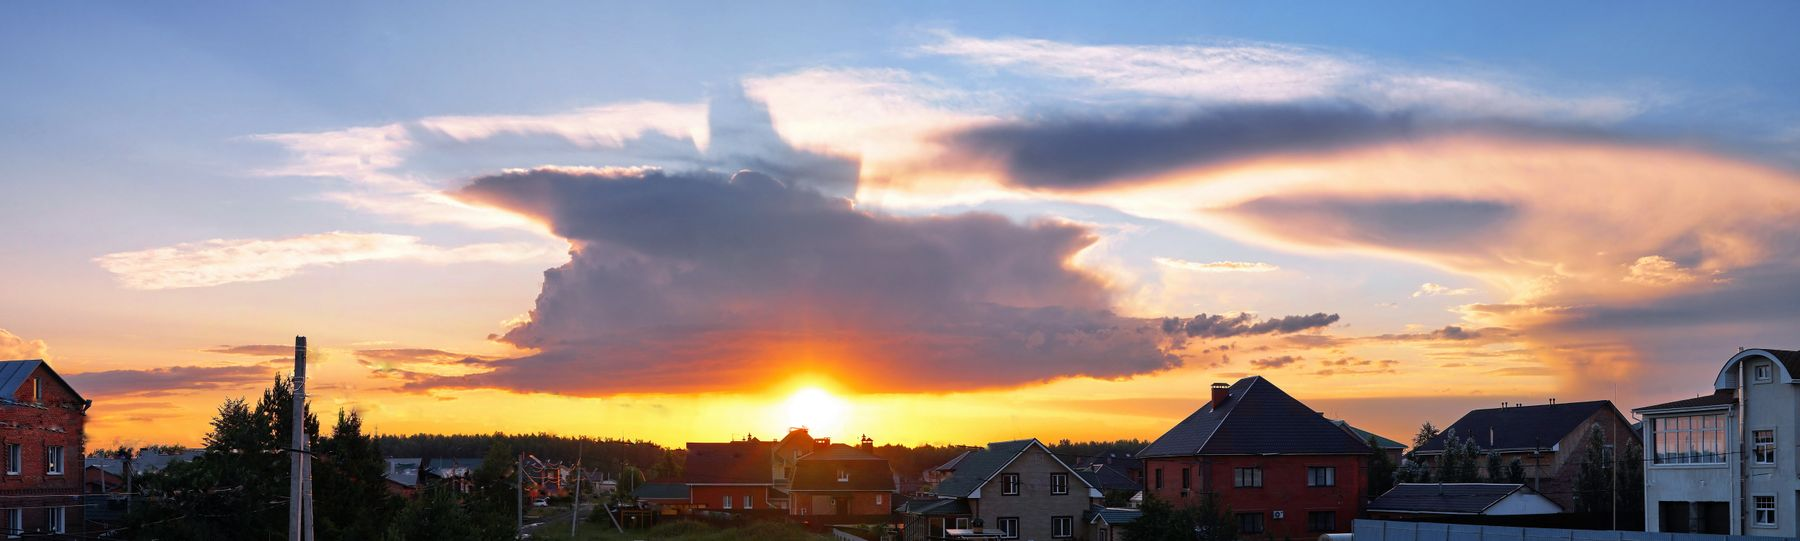 Небесная картина  на даче 12.06.20 омск дача небесное явление грозовой фронт супер-ячейка тень панорама kamlan 50mm F1.1 mark II